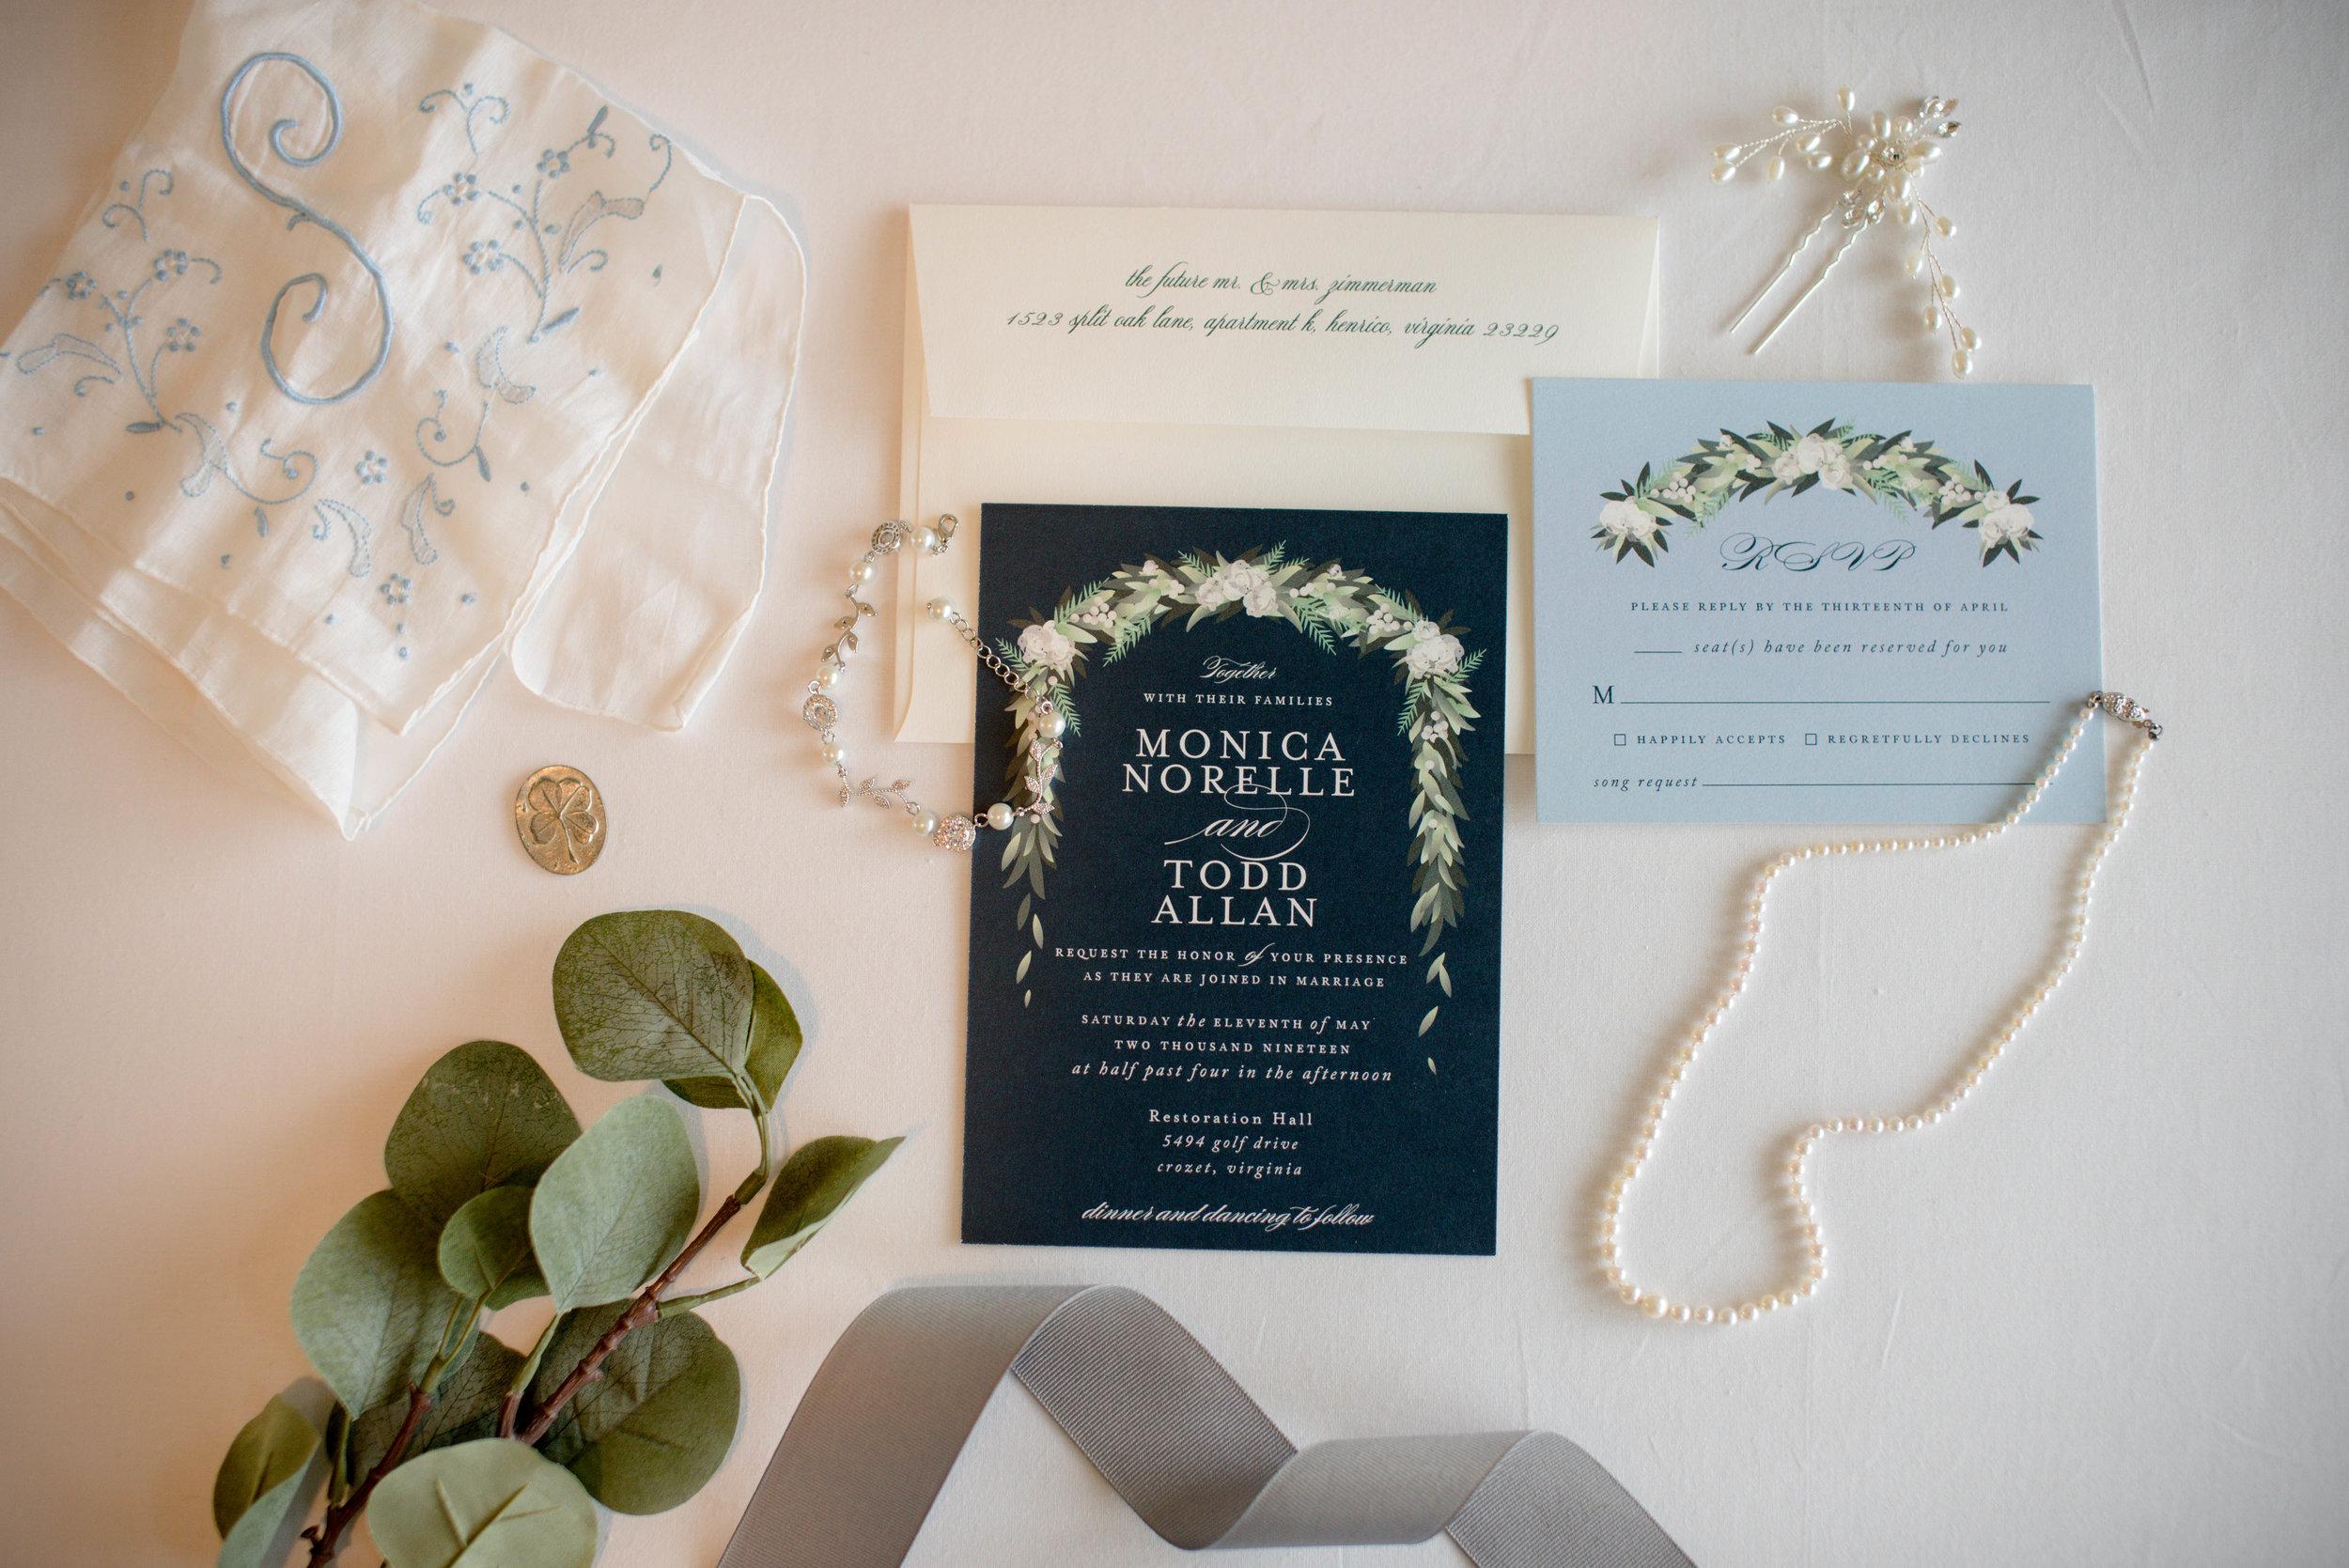 blue-ridge-wedding-ashley-nicole-photography-restoration-hall-crozetphotography-restorationhall-charlottesville-wedding_bridedetails-15.jpg